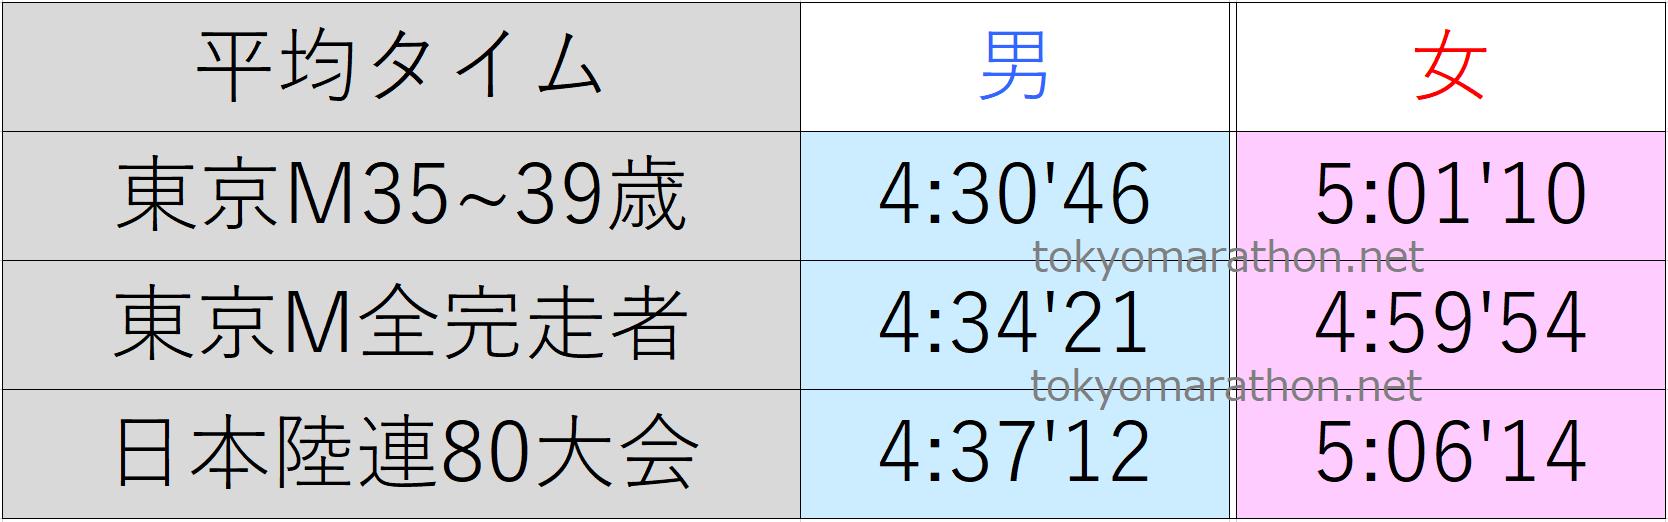 東京マラソン35~39歳の平均タイム、東京マラソン全ランナーの平均タイム、日本陸連公認の80大会の平均タイム一覧表。すべて男女別にまとめた画像です。